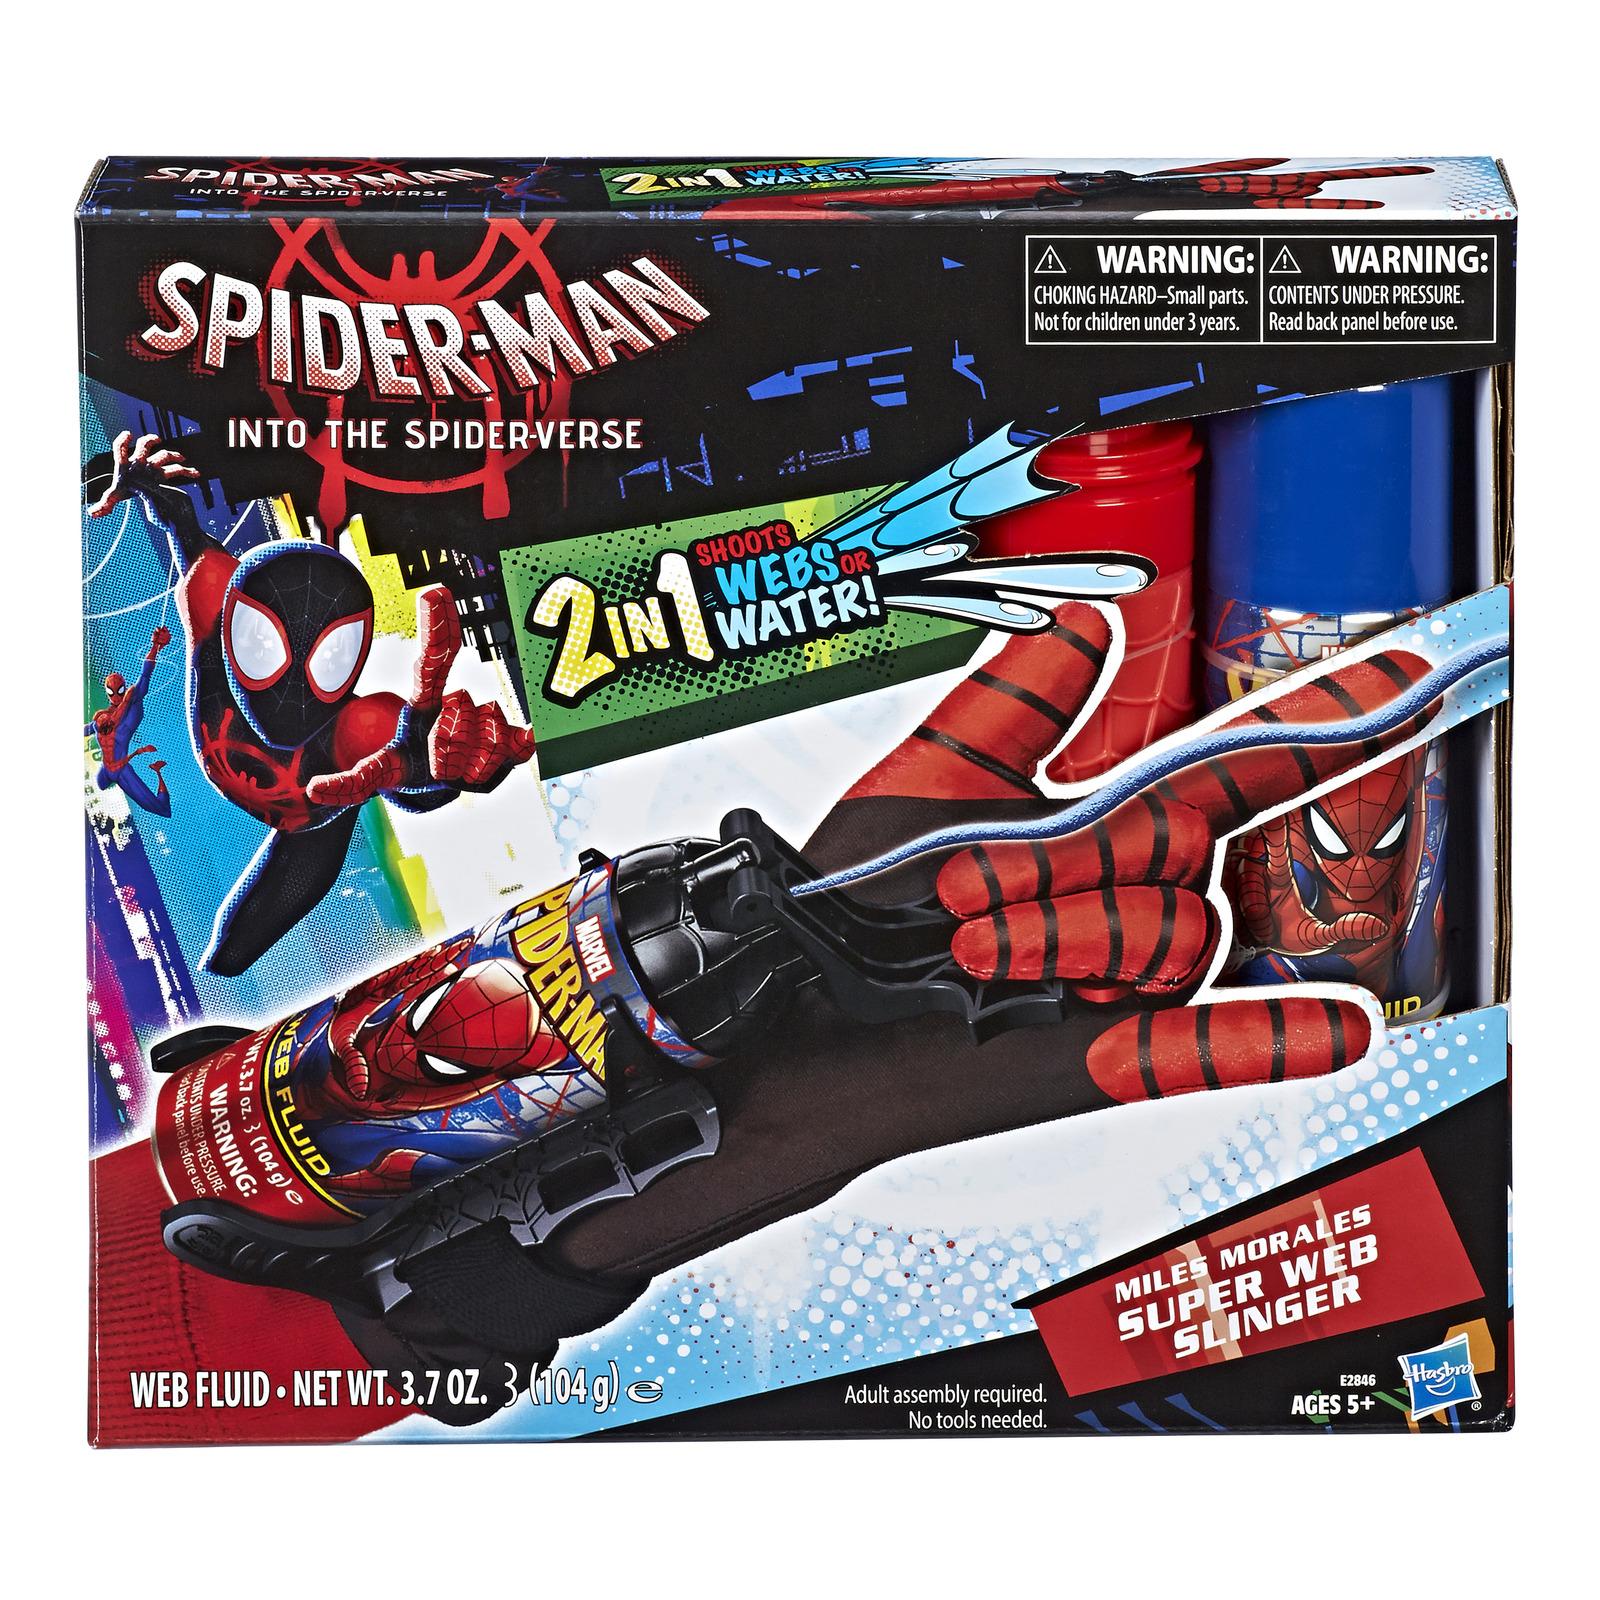 Spider-Man: Miles Morales - Super Web Slinger image